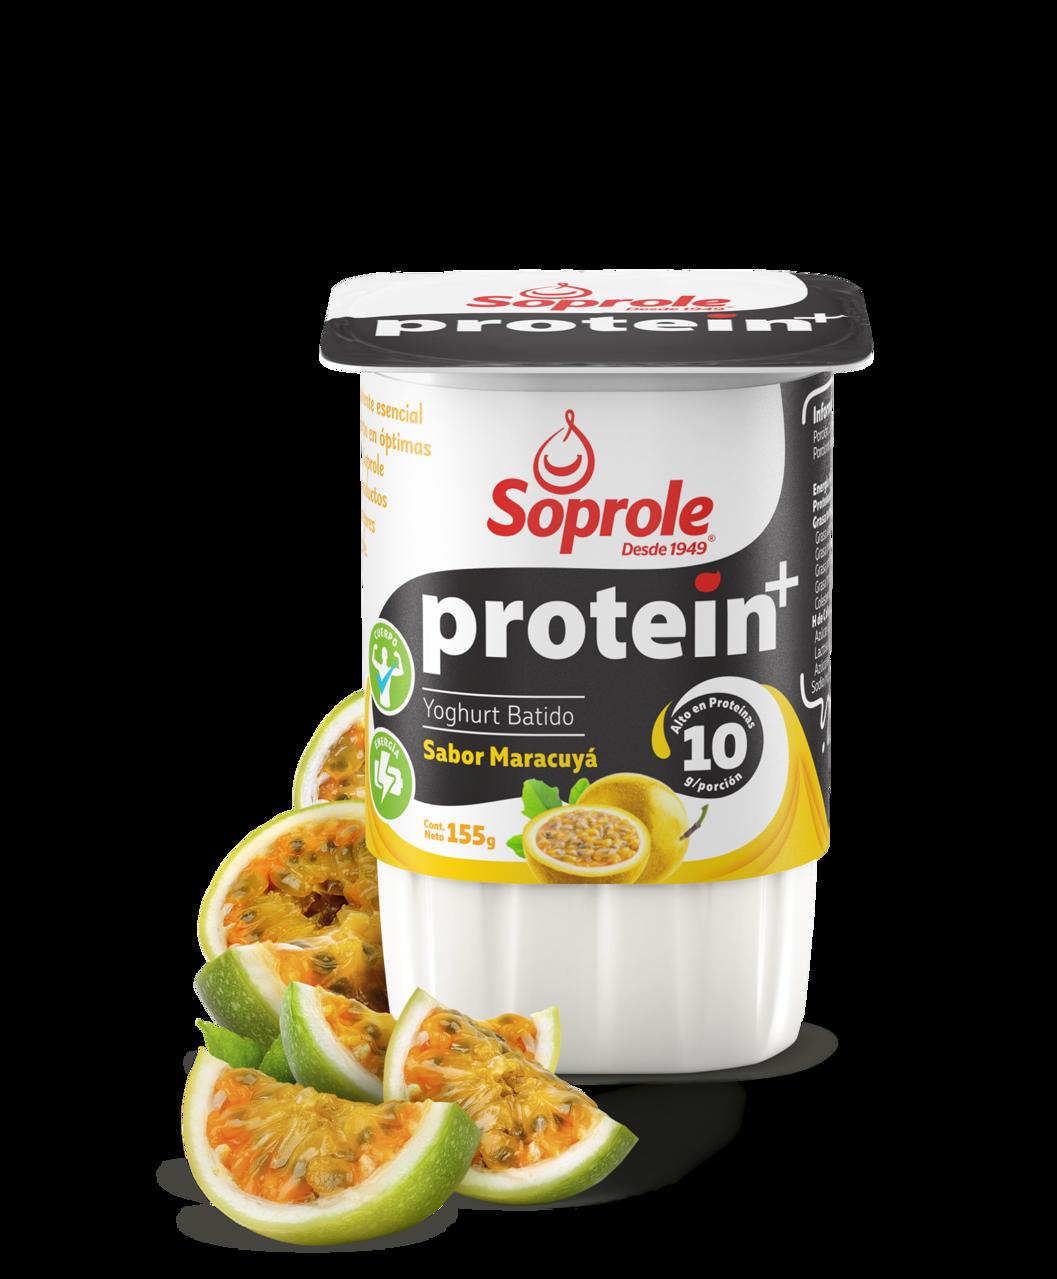 Soprole Yoghurt protein+ batido maracuya 155